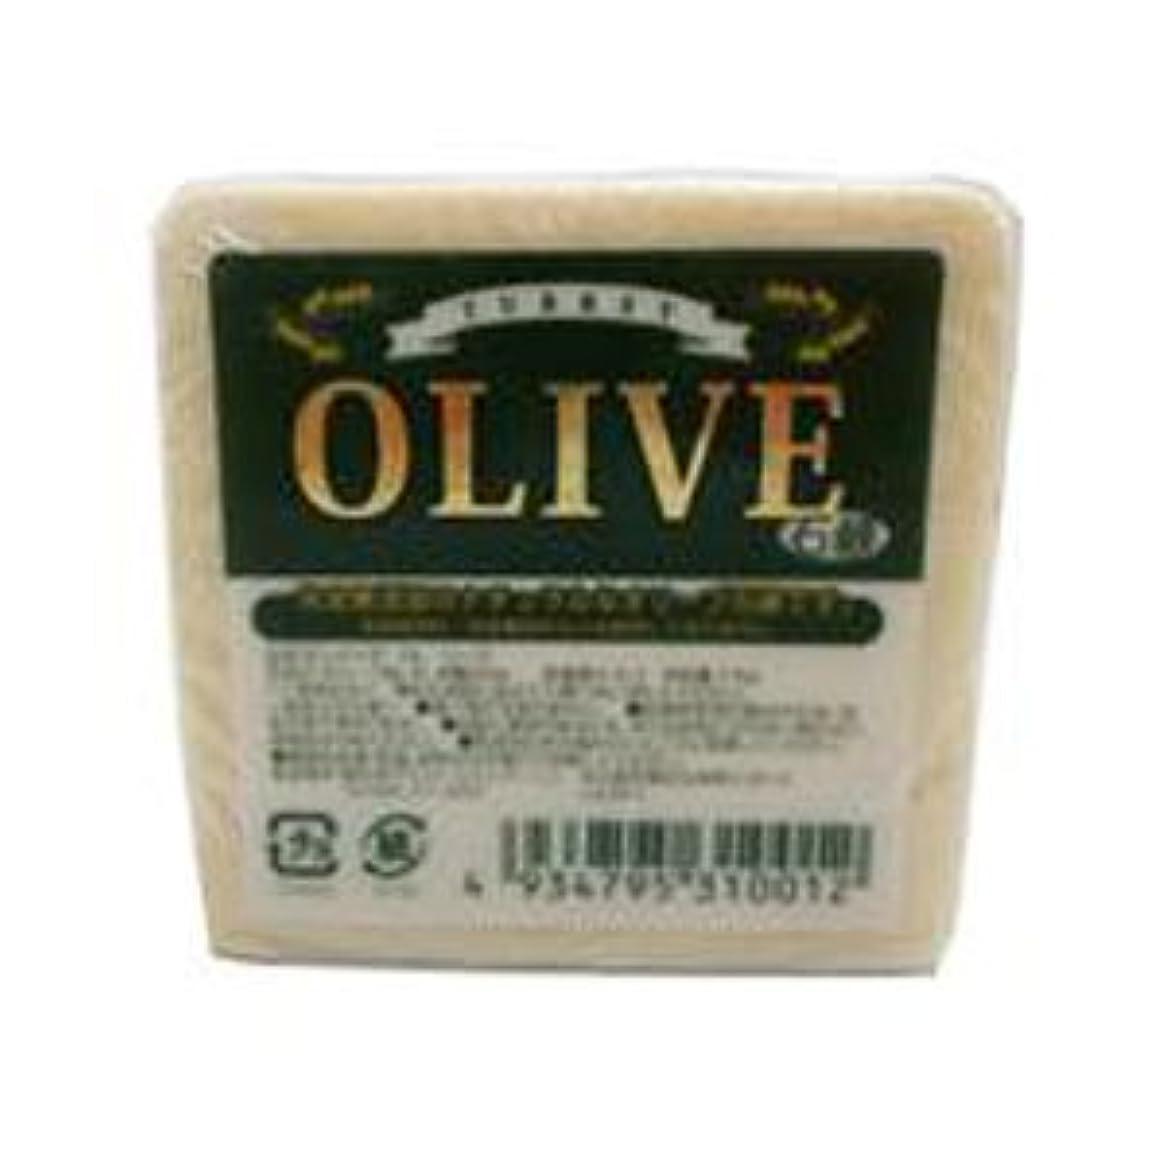 底少数安全性お得な5個セット トルコ産オリーブを使用した無添加石鹸 ターキーオリーブ石鹸 135g